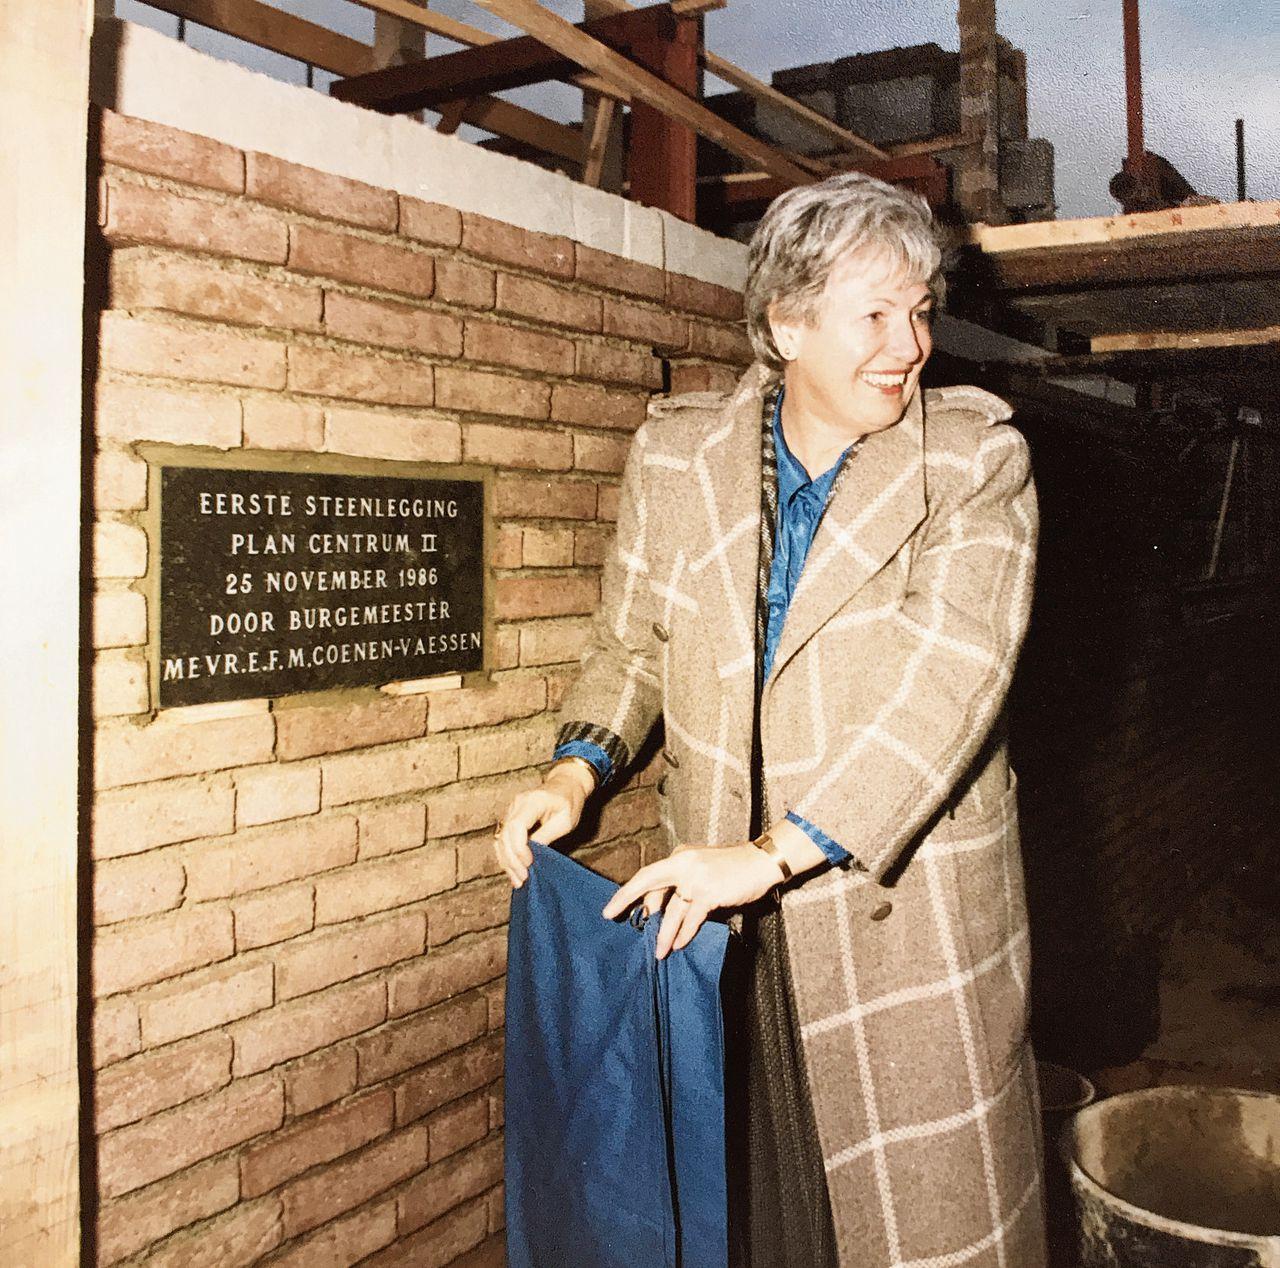 Elly Coenen-Vaessen als burgemeester in 1986 en (links) als jonge vrouw in 1953.